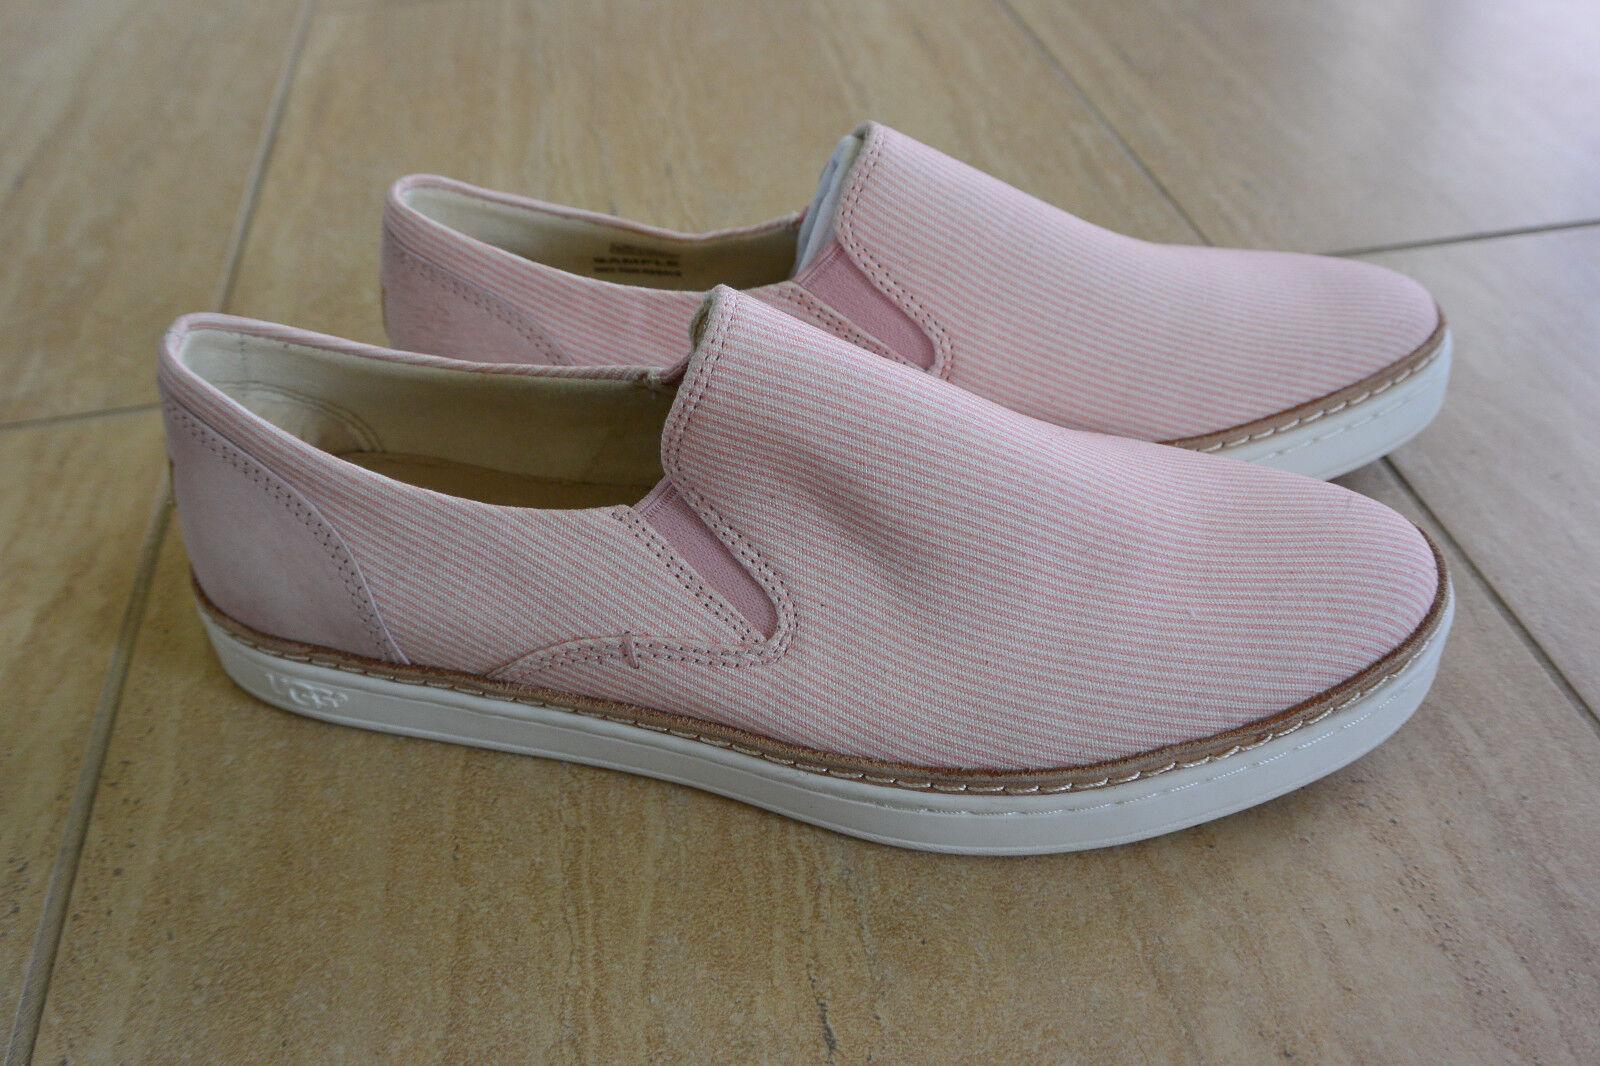 Chaussures à lacets en toile décontractées Adley Stripe pour femme NEW UGG en taille rose pétale, taille 7